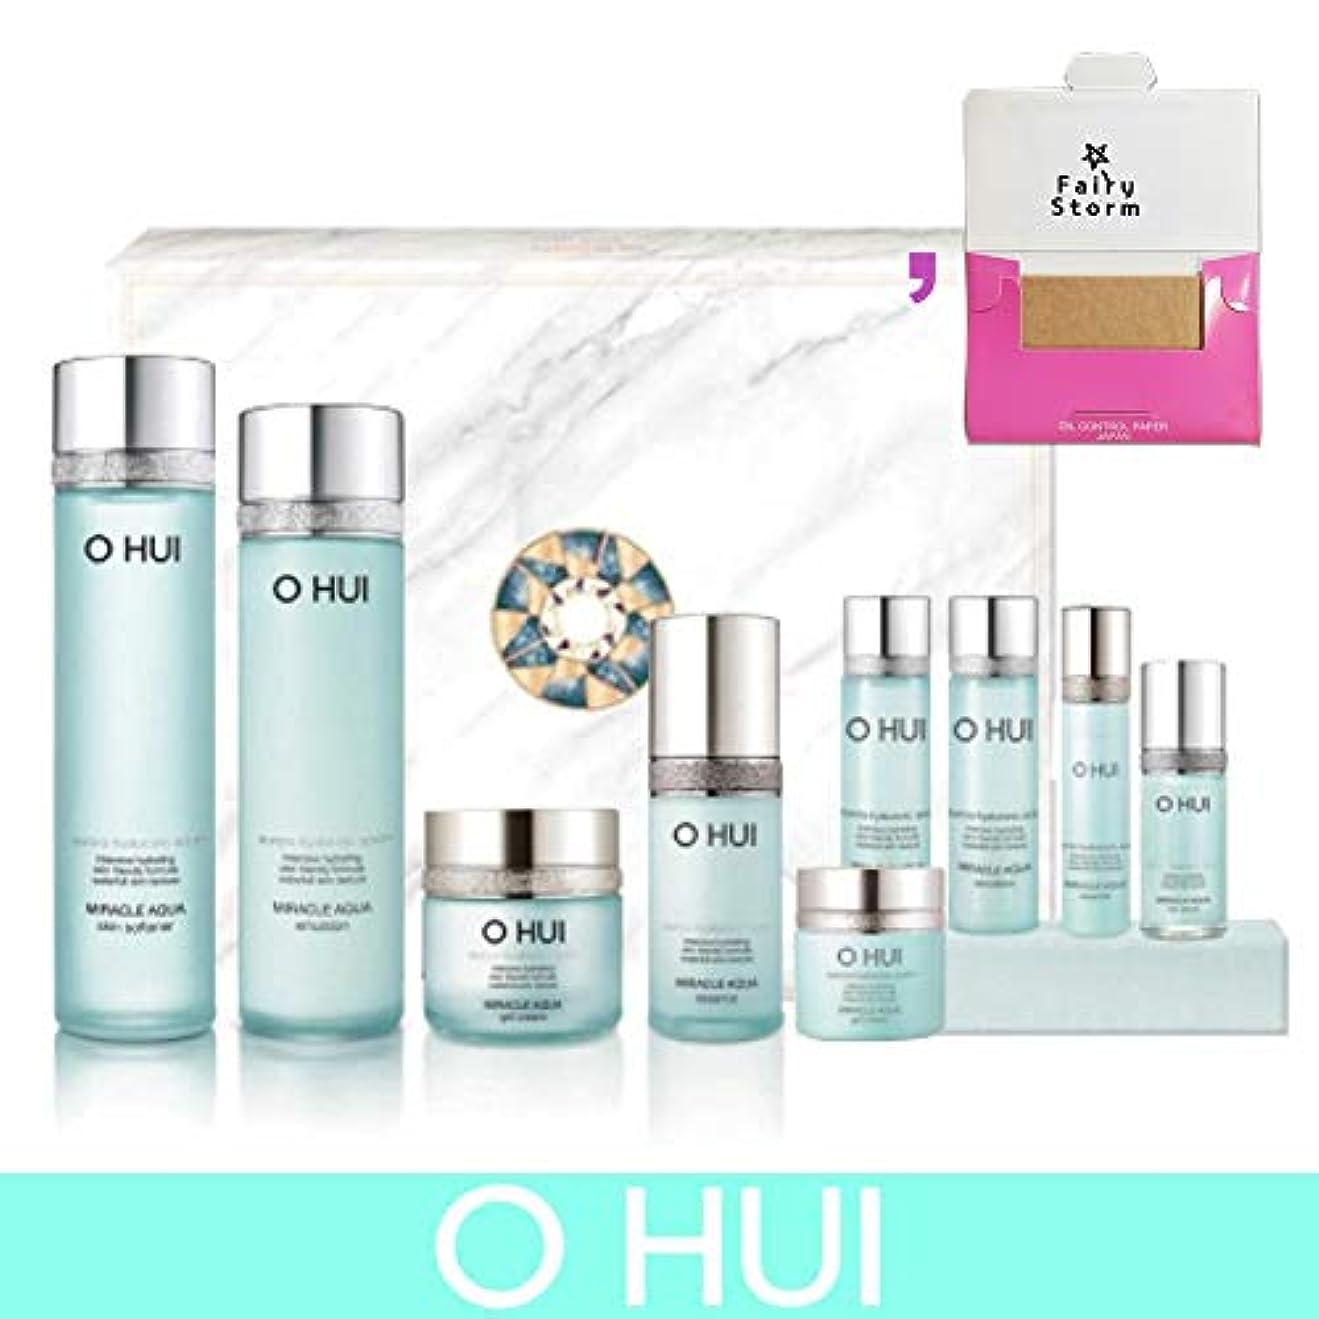 長椅子南西最大限[オフィ/O HUI]韓国化粧品 LG生活健康/O HUI MIRACLE AQUA SPECIAL 4EA SET/ミラクル アクア 4種セット + [Sample Gift](海外直送品)